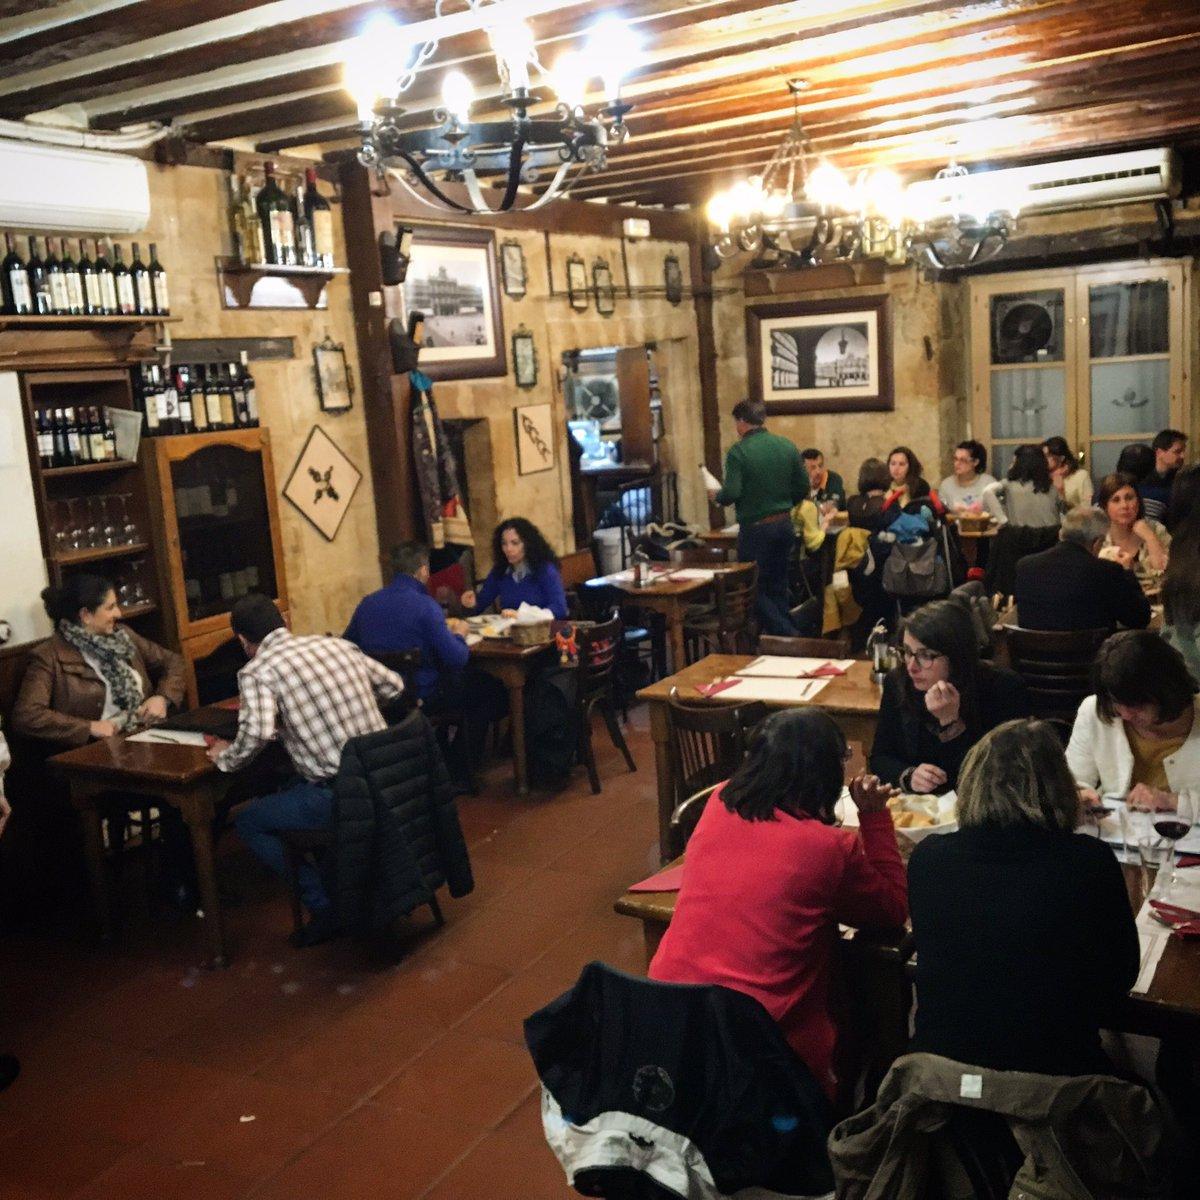 ¿Comemos juntos? Cuatro primeros y cuatro segundos a elegir, con postre y bebida por 14,90€ en la #PlazaMayor de #Salamanca. #comerbien<br>http://pic.twitter.com/kAFULagiar